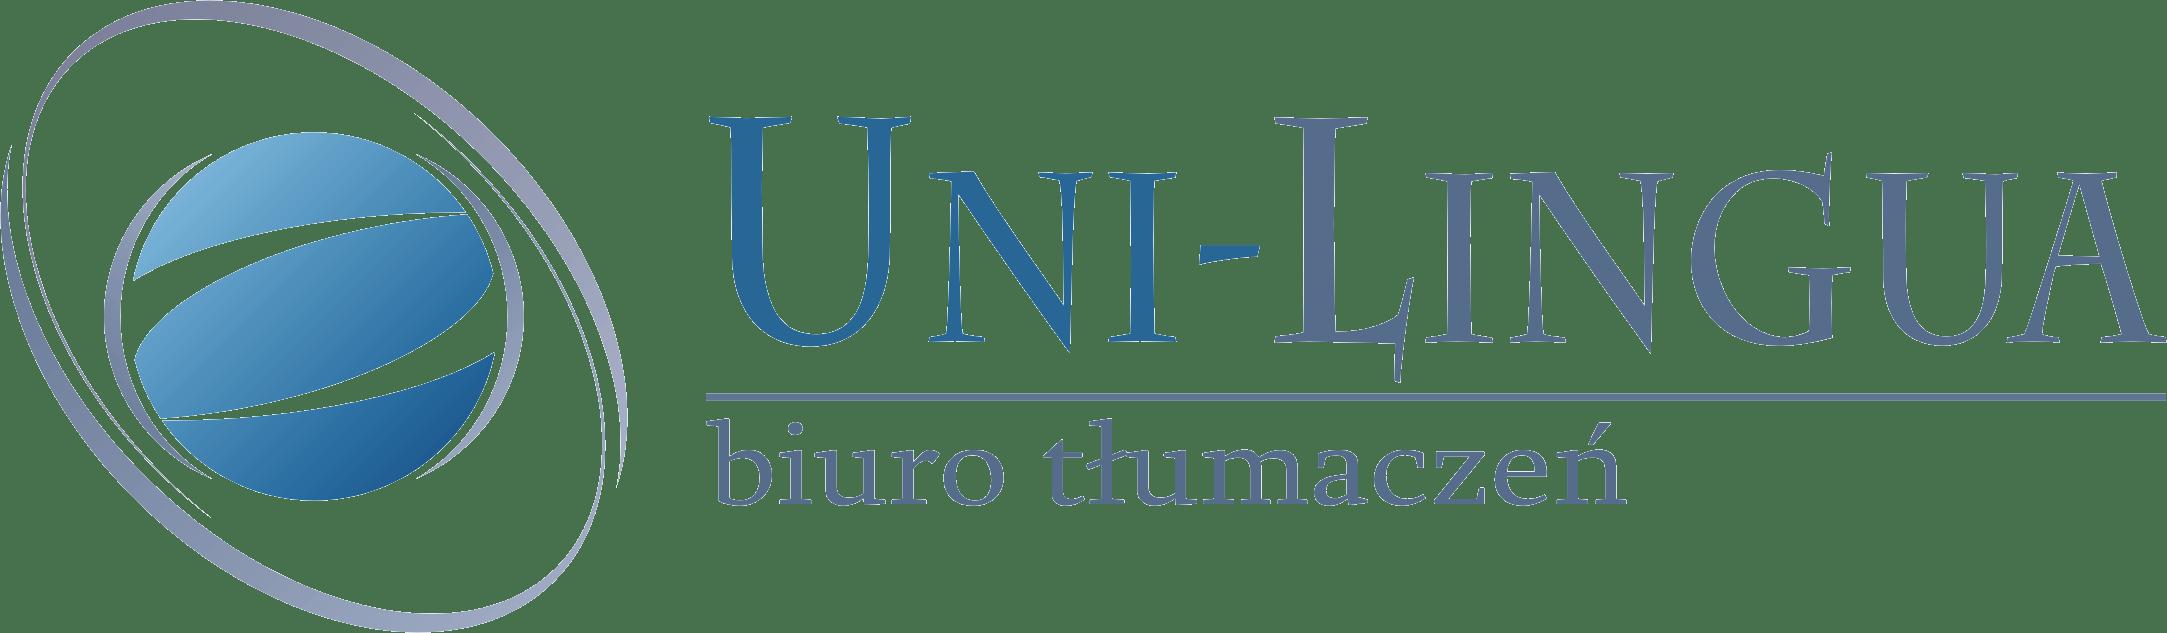 Uni-lingua